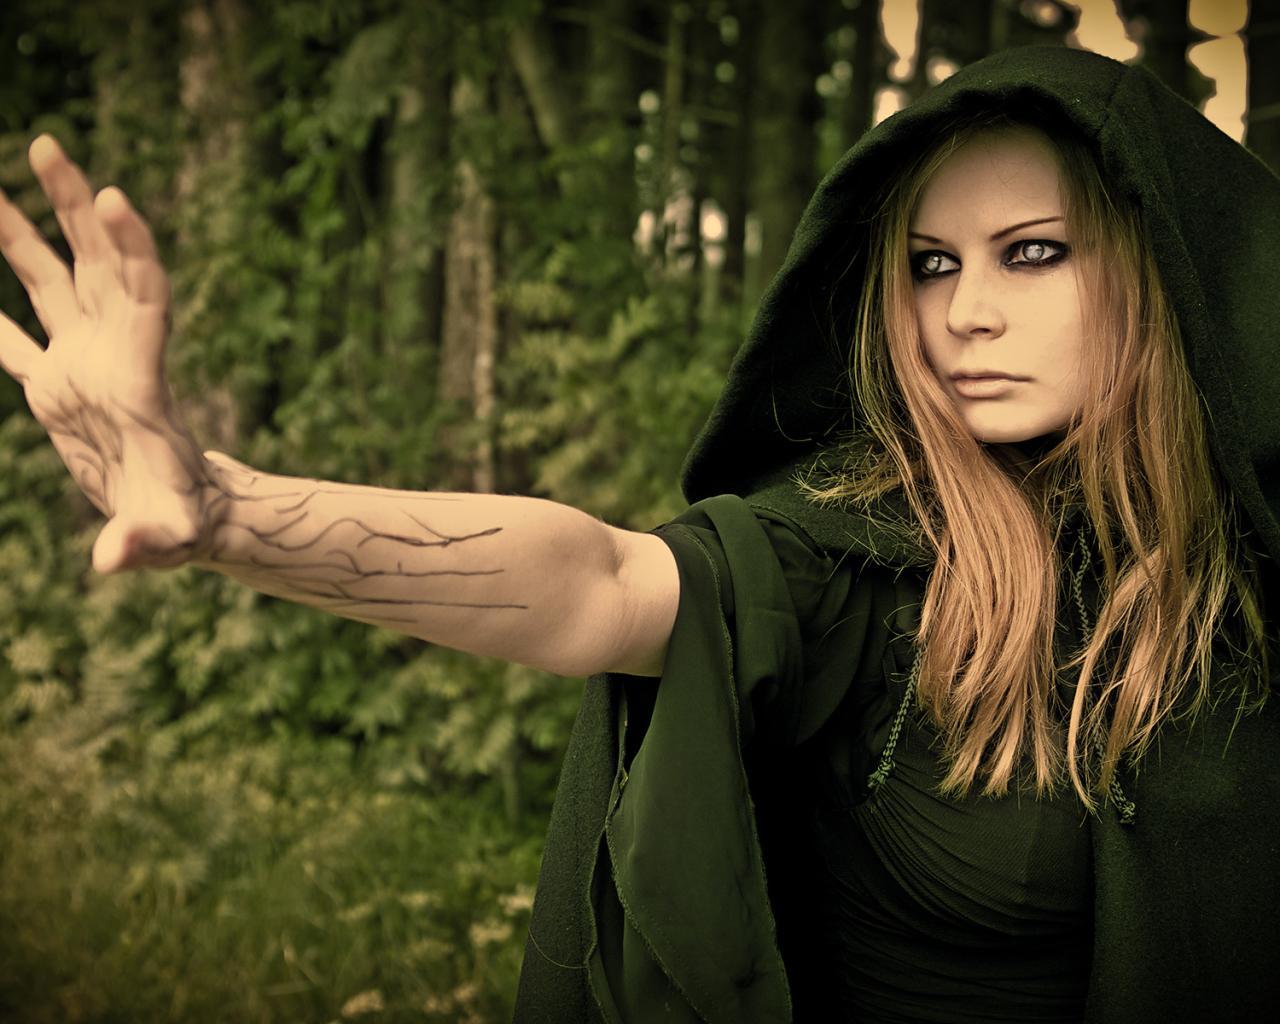 Девушка ведьма лес капюшон обои для